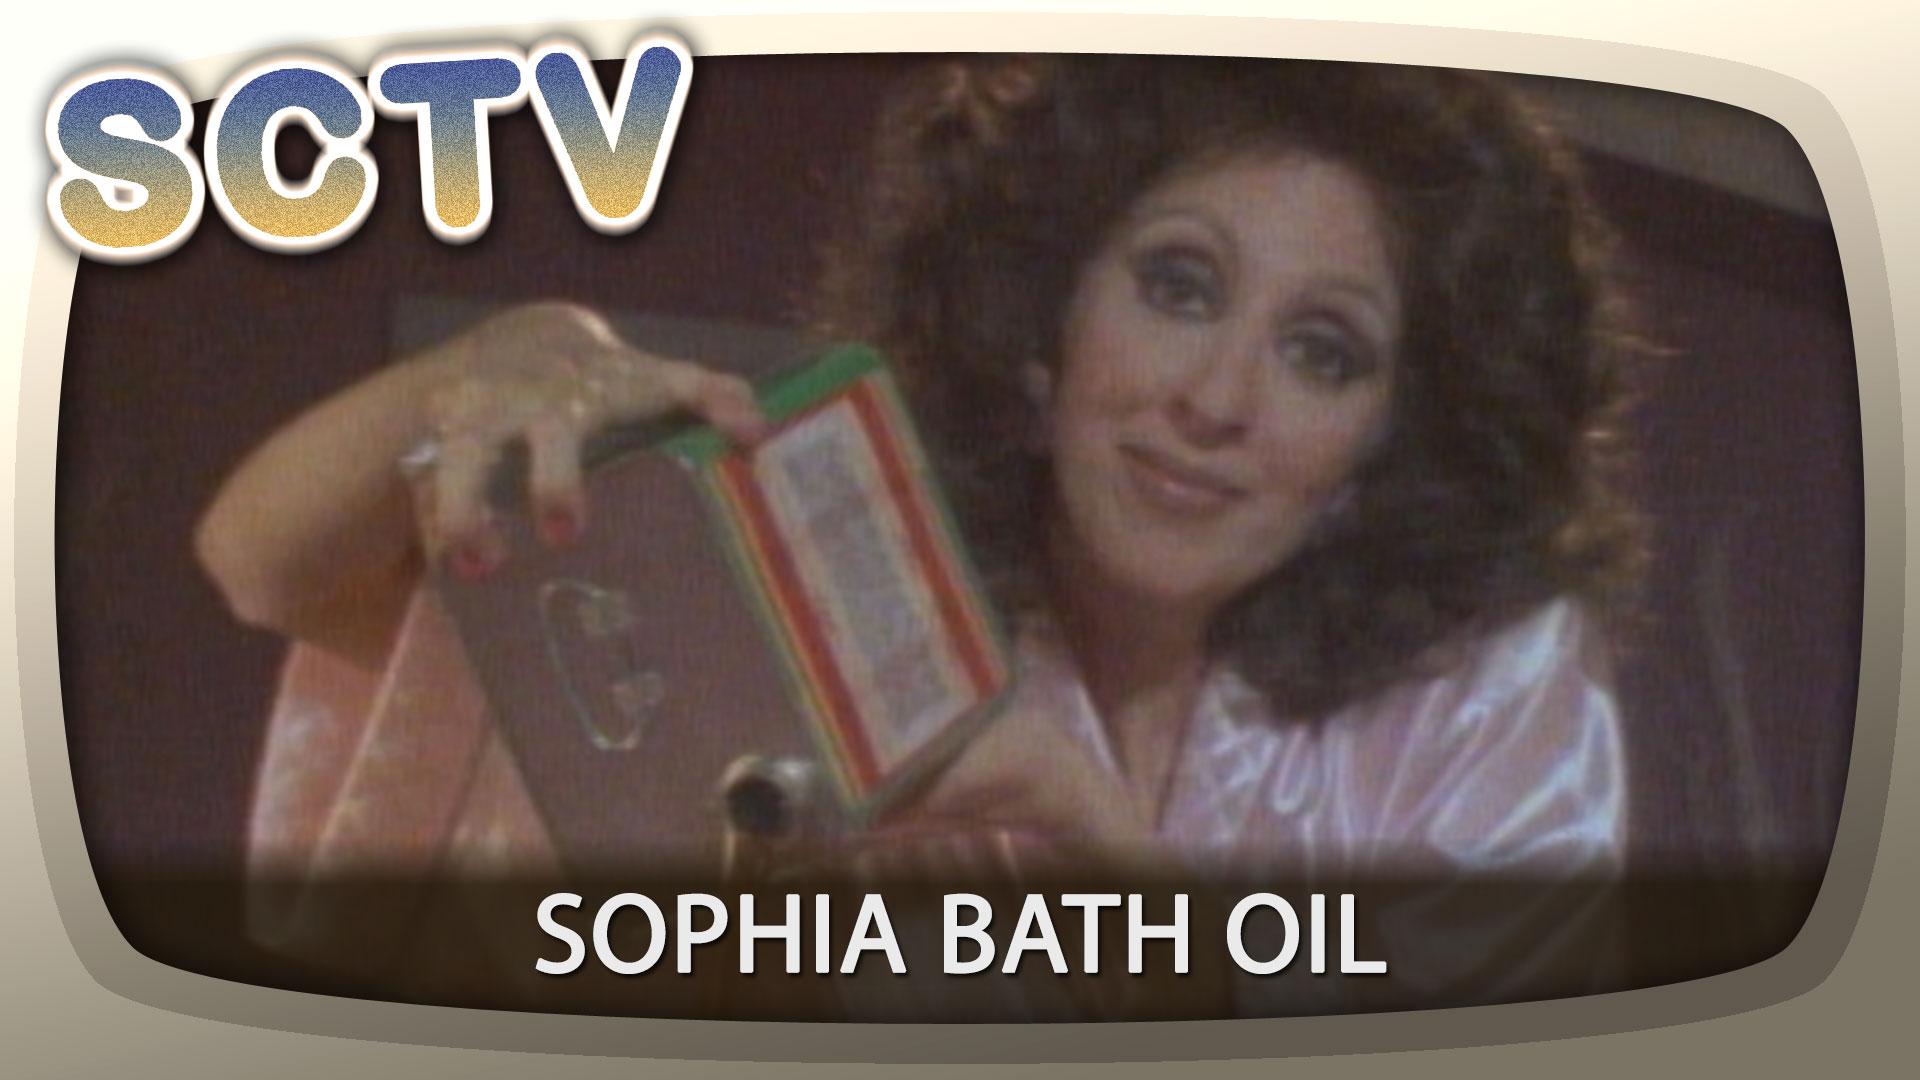 SCTV Sophia Bath Oil